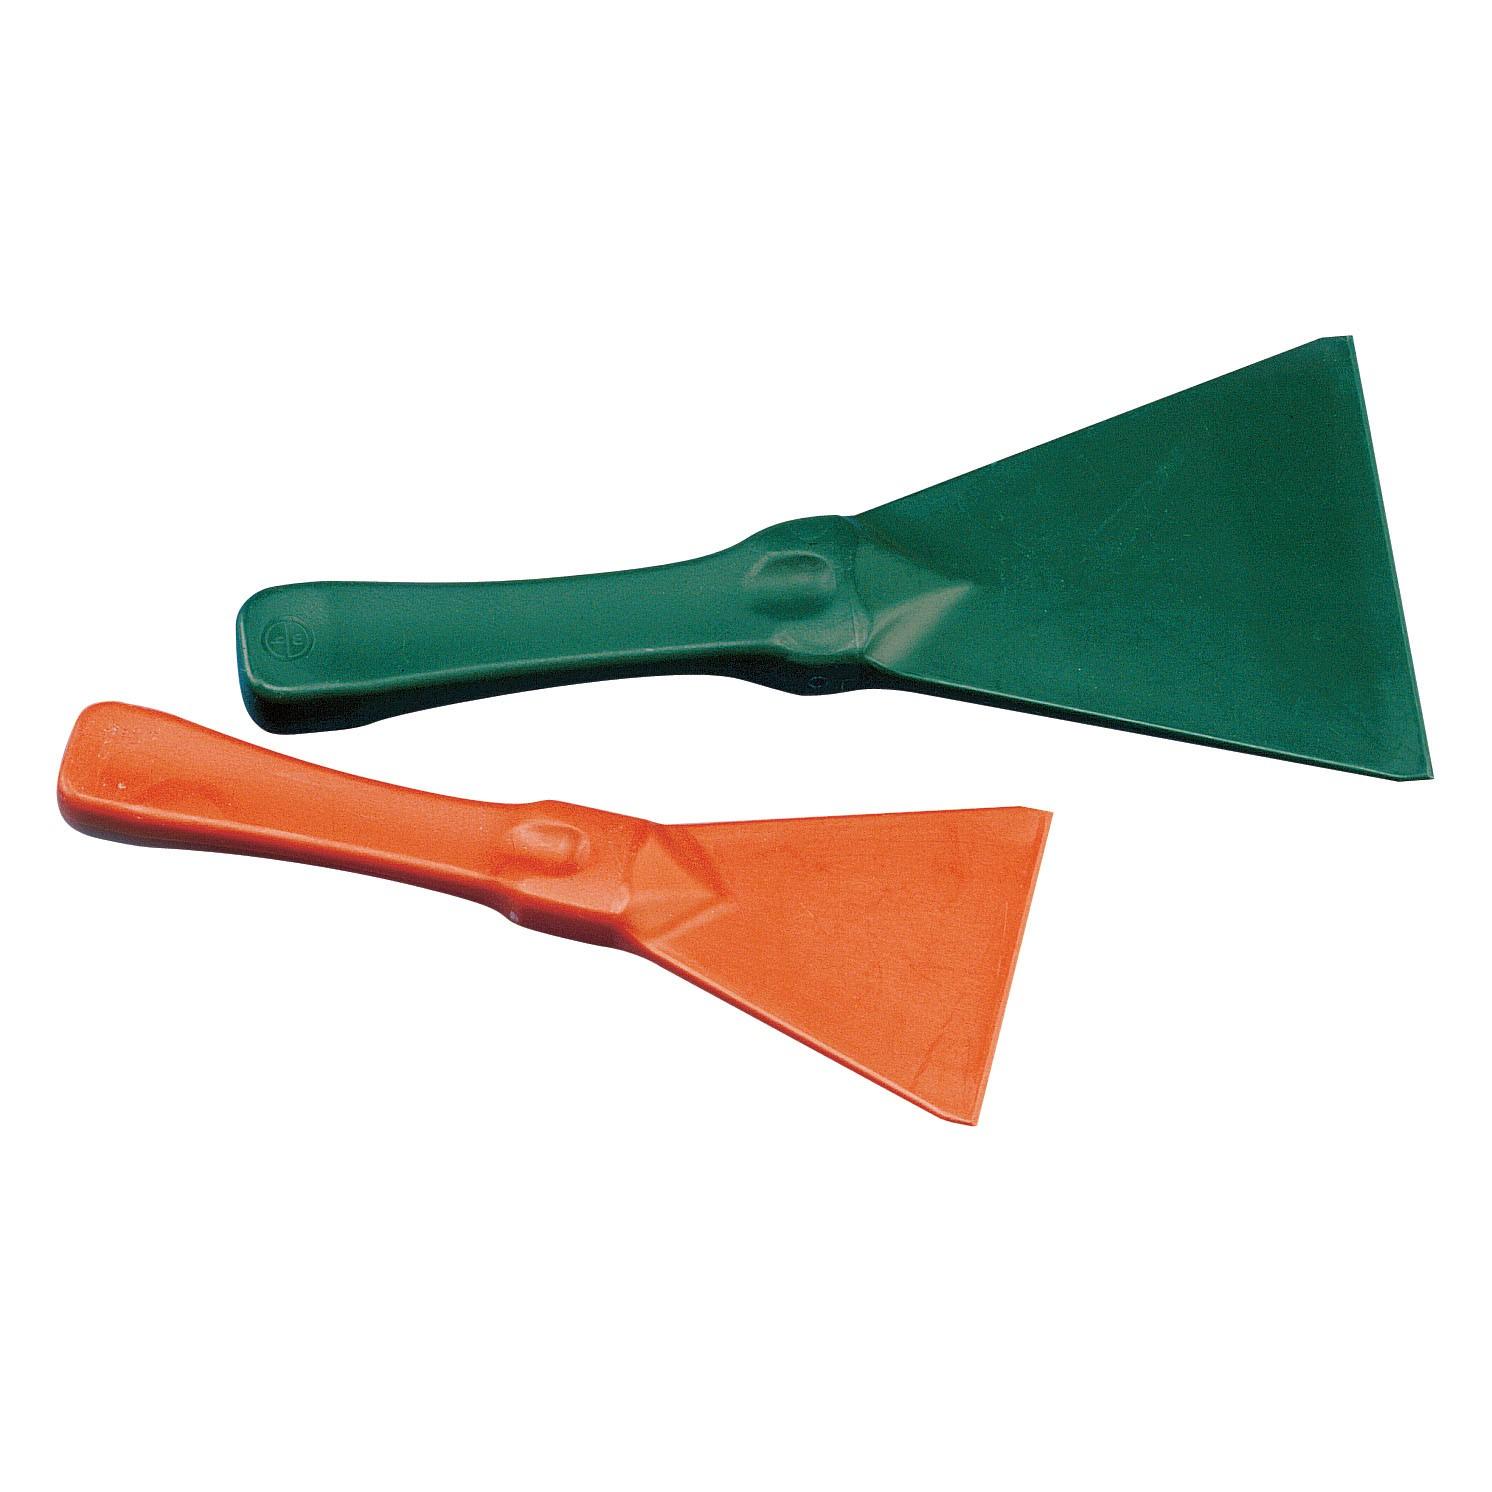 Hand Held Scrapers & Plastic Stirrers